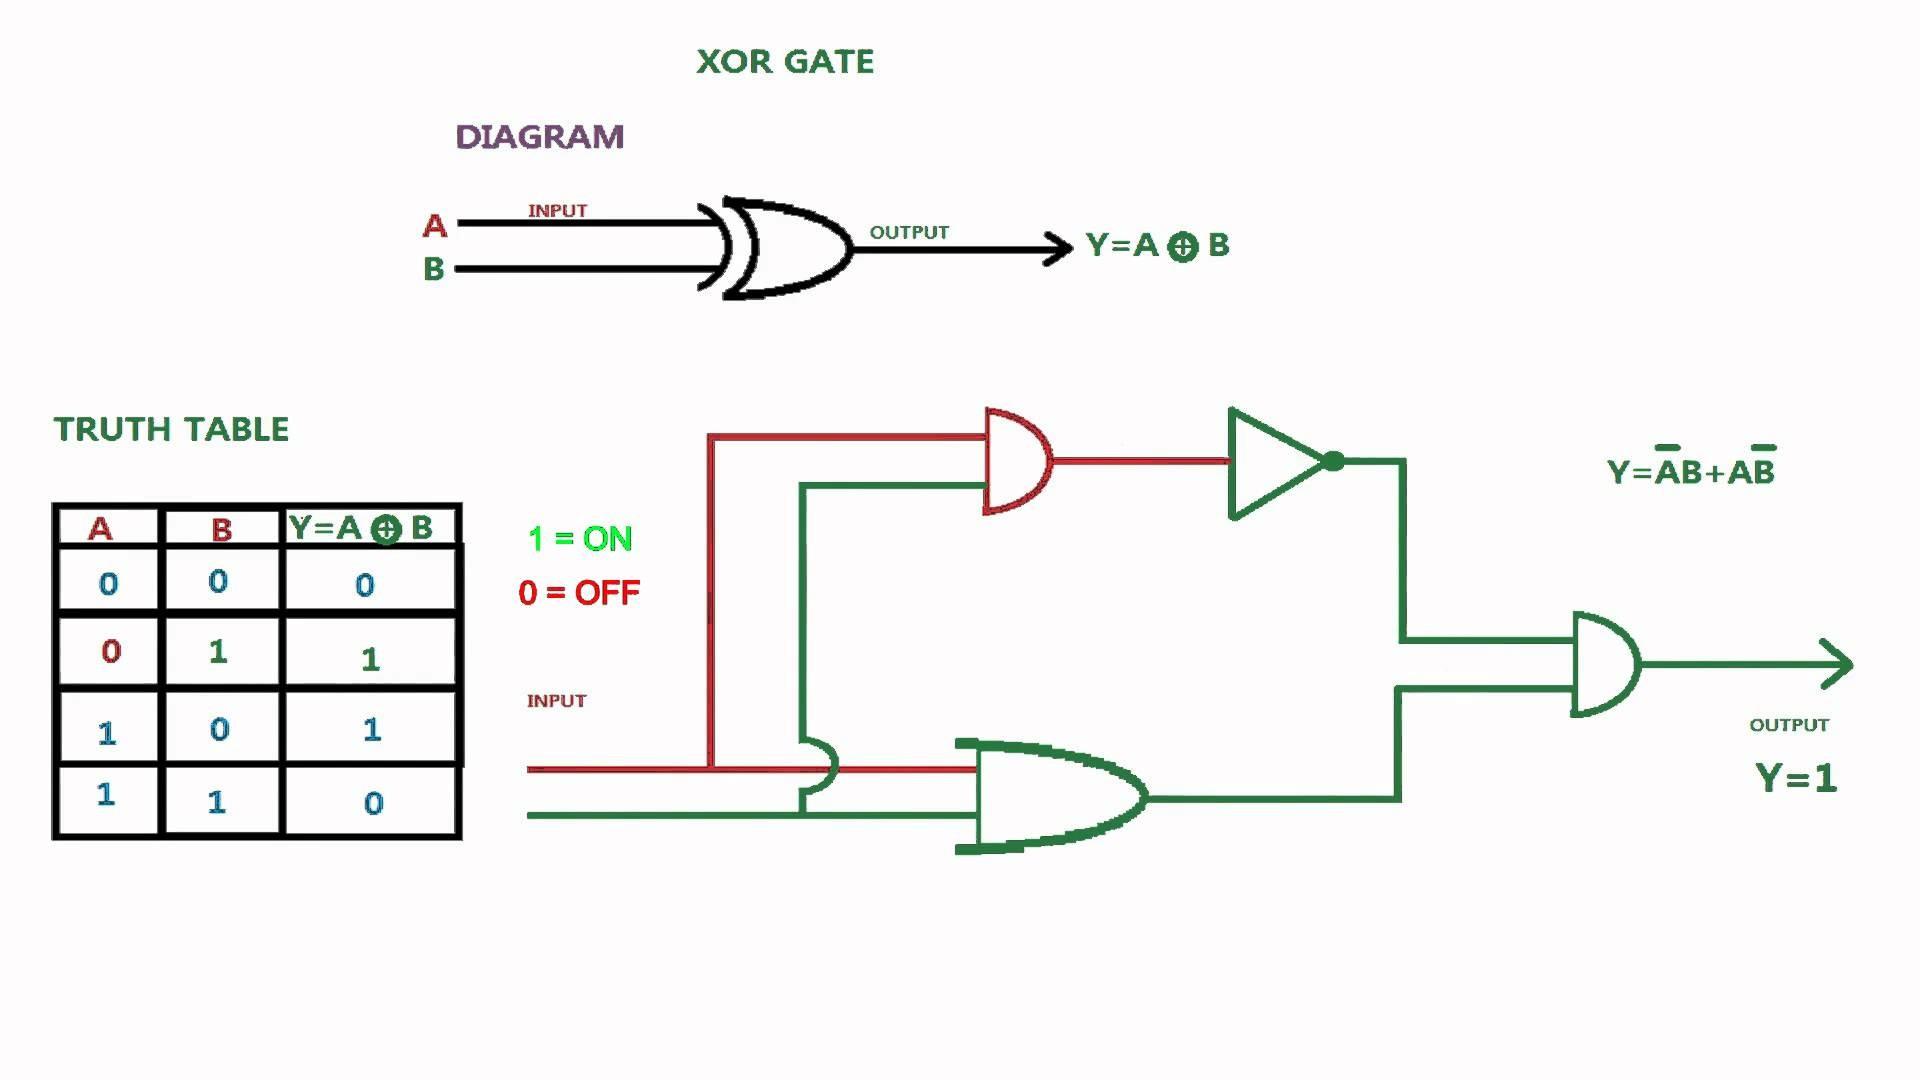 Xor Gate Circuit Diagram Wiring Image Logic Gates Universal Youtube Phase Lock Loop What Is An Oscillator